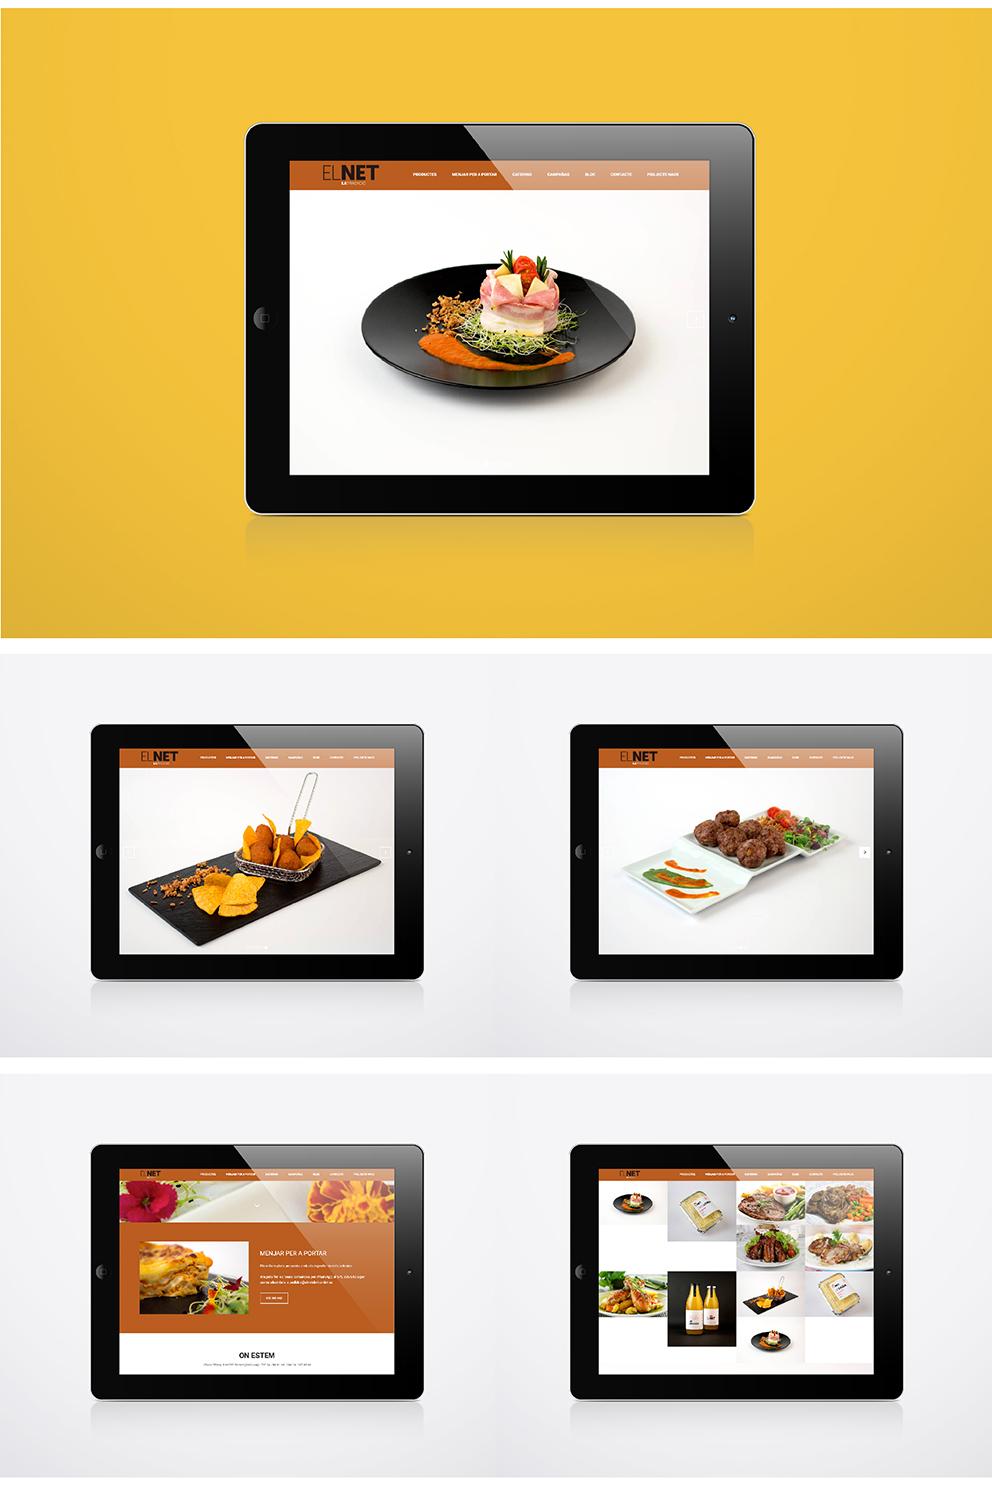 diseño el net marca identidad corporativa diseño gráfico aplicación gráfica carnicería torrent diseño web responsive parallax jquery html5 tablet